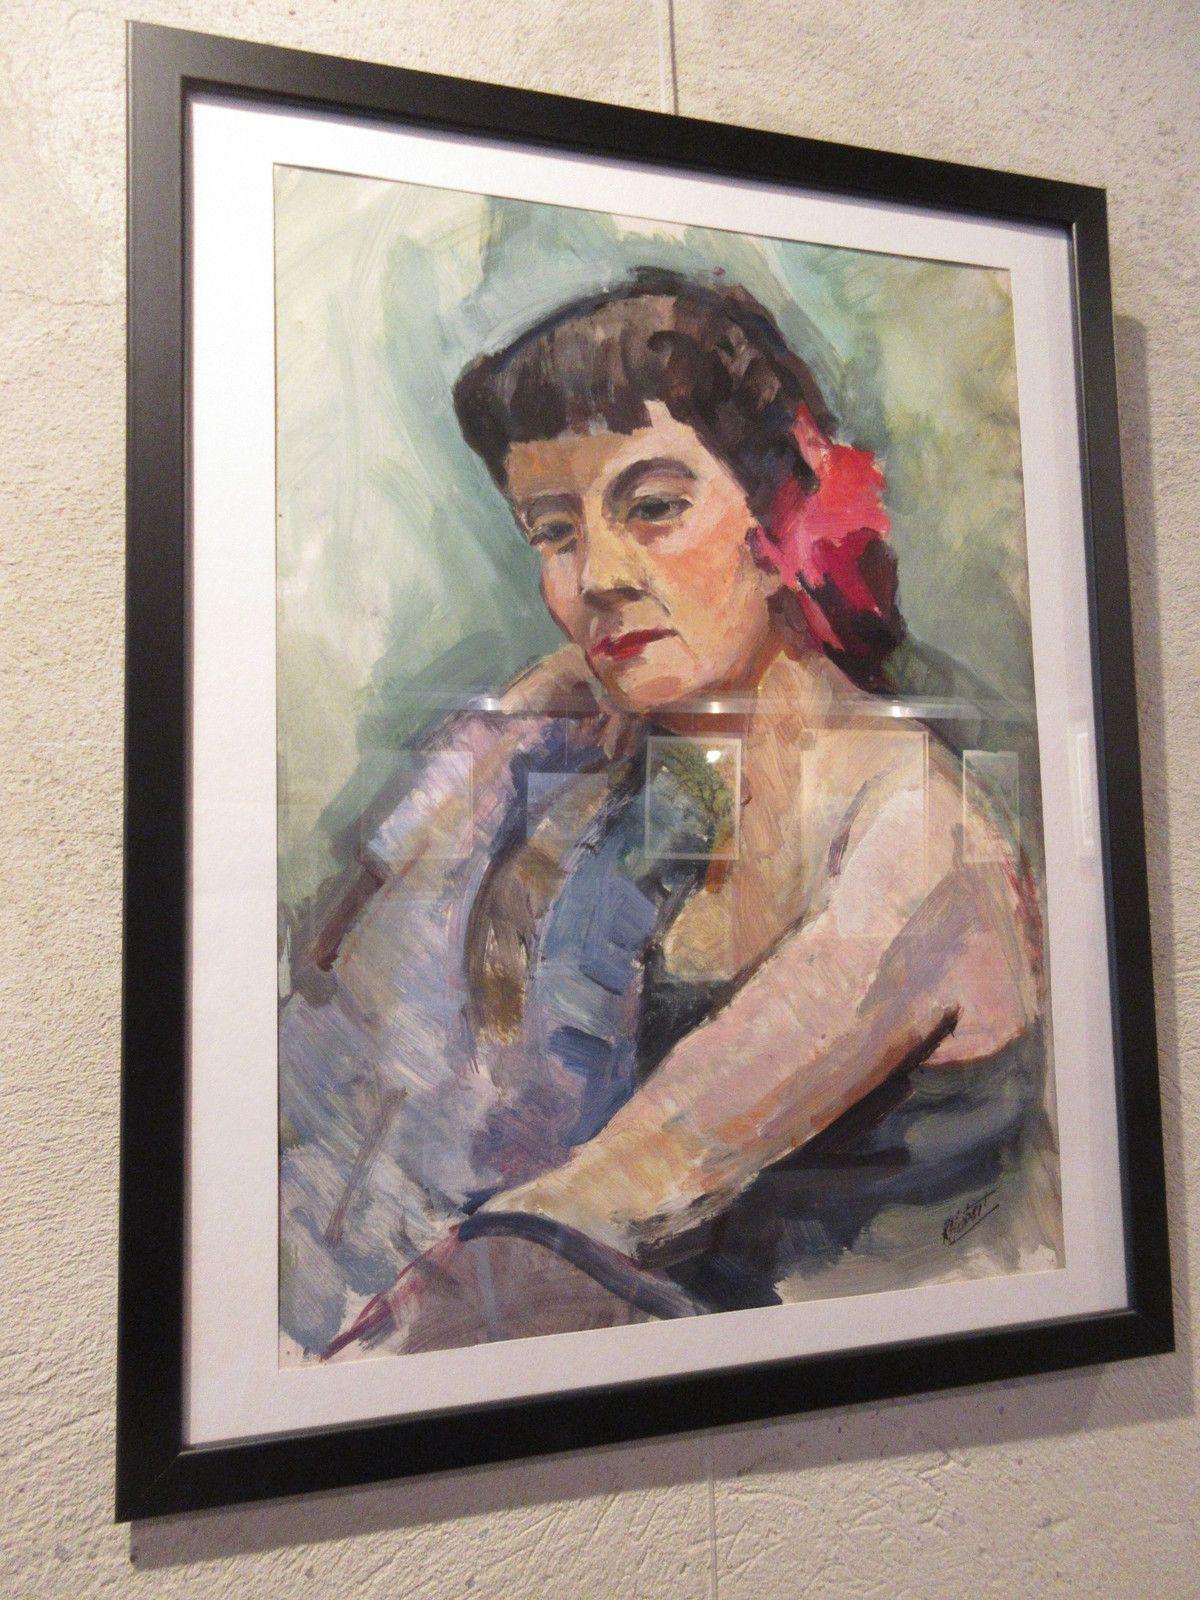 Du 19 AOÛT au 12 SEPTEMBRE 2020, les œuvres de Raymond HUBERT étaient exposées à Buis-les-Baronnies